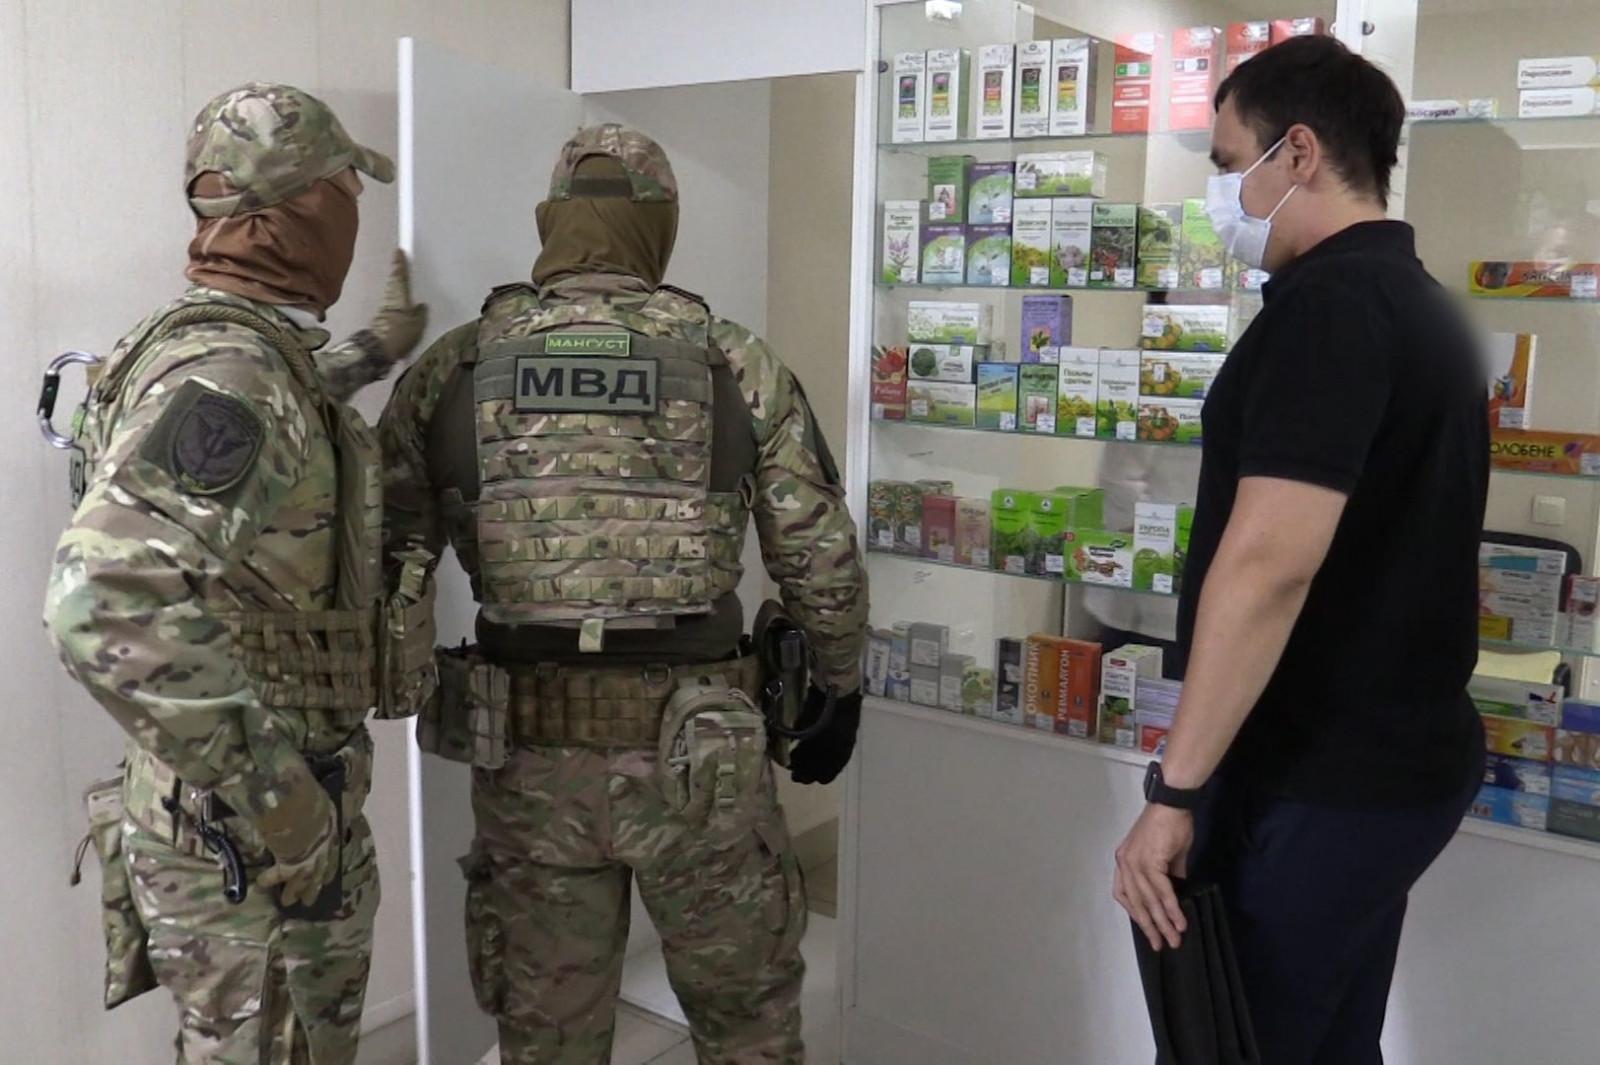 Полиция Дона борются с безрецептурной                           продажей препаратов, содержащих сильнодействующие и психотропные вещества